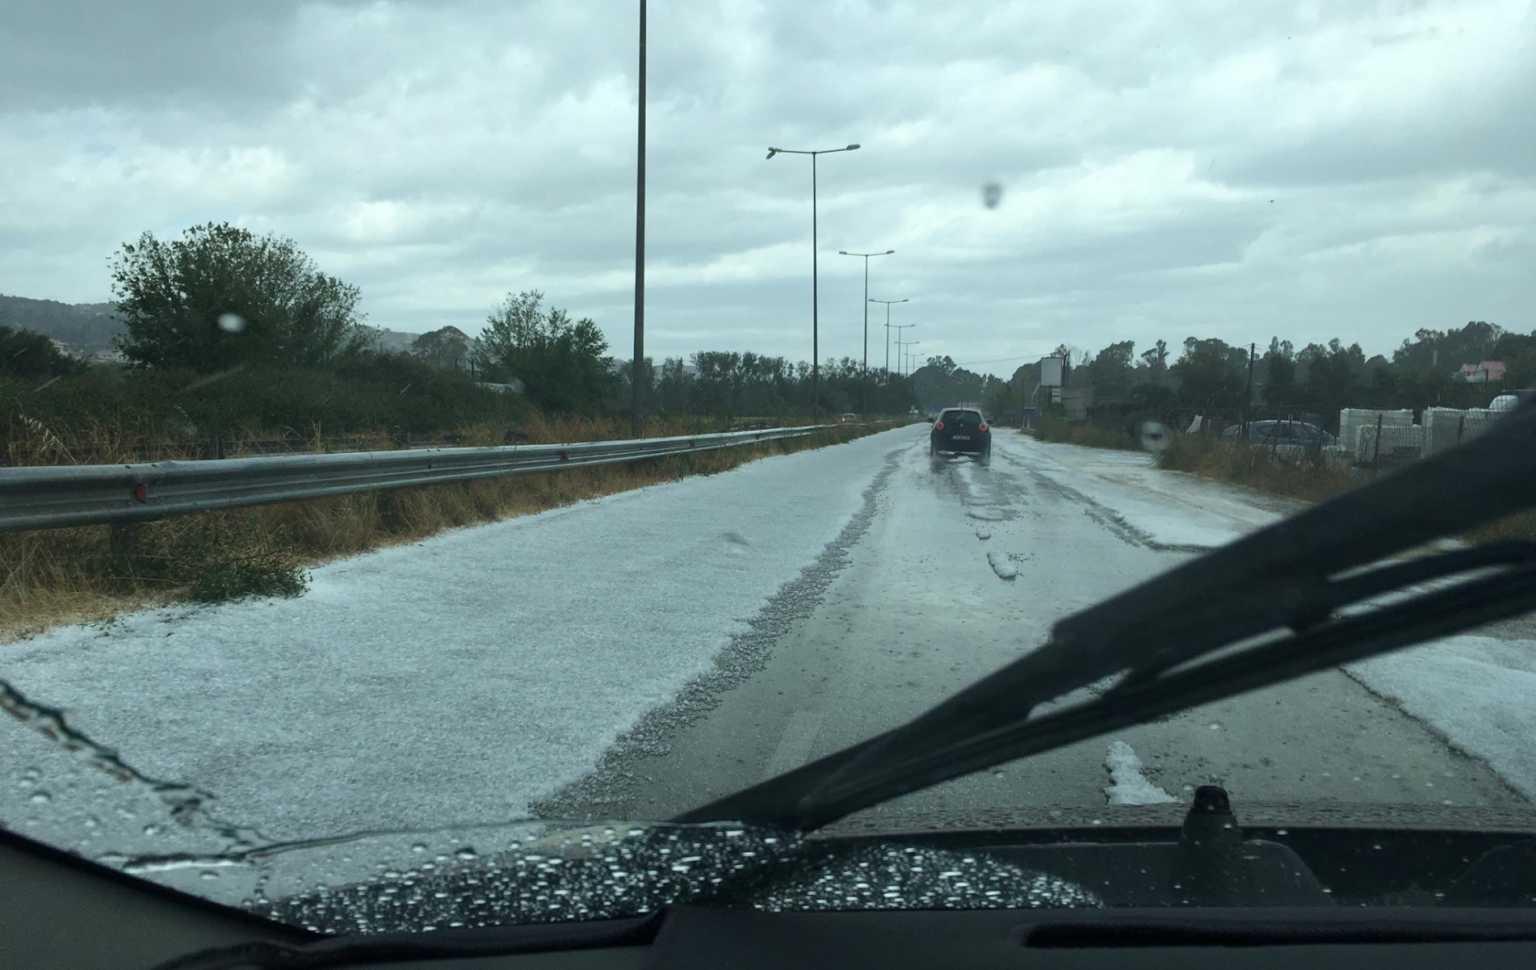 Κεφαλoνιά – Καιρός: Δρόμοι ποτάμια από καταιγίδα και χαλάζι – Κεραυνοί «γύρισαν» αεροπλάνο στην Αθήνα (video)